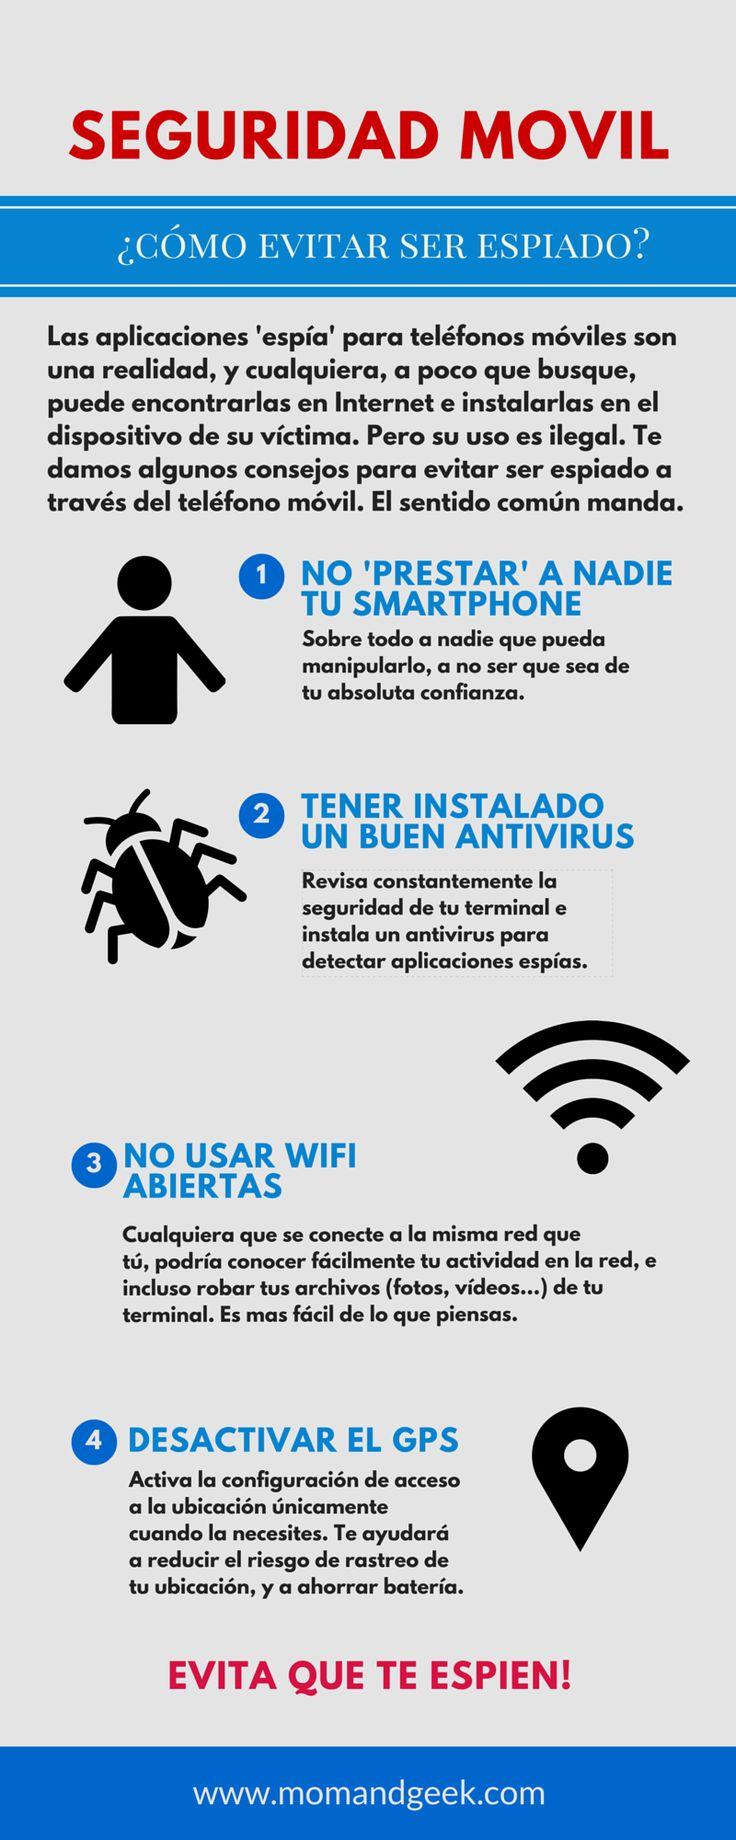 Algunos consejos para evitar ser espiado desde nuestro móvil